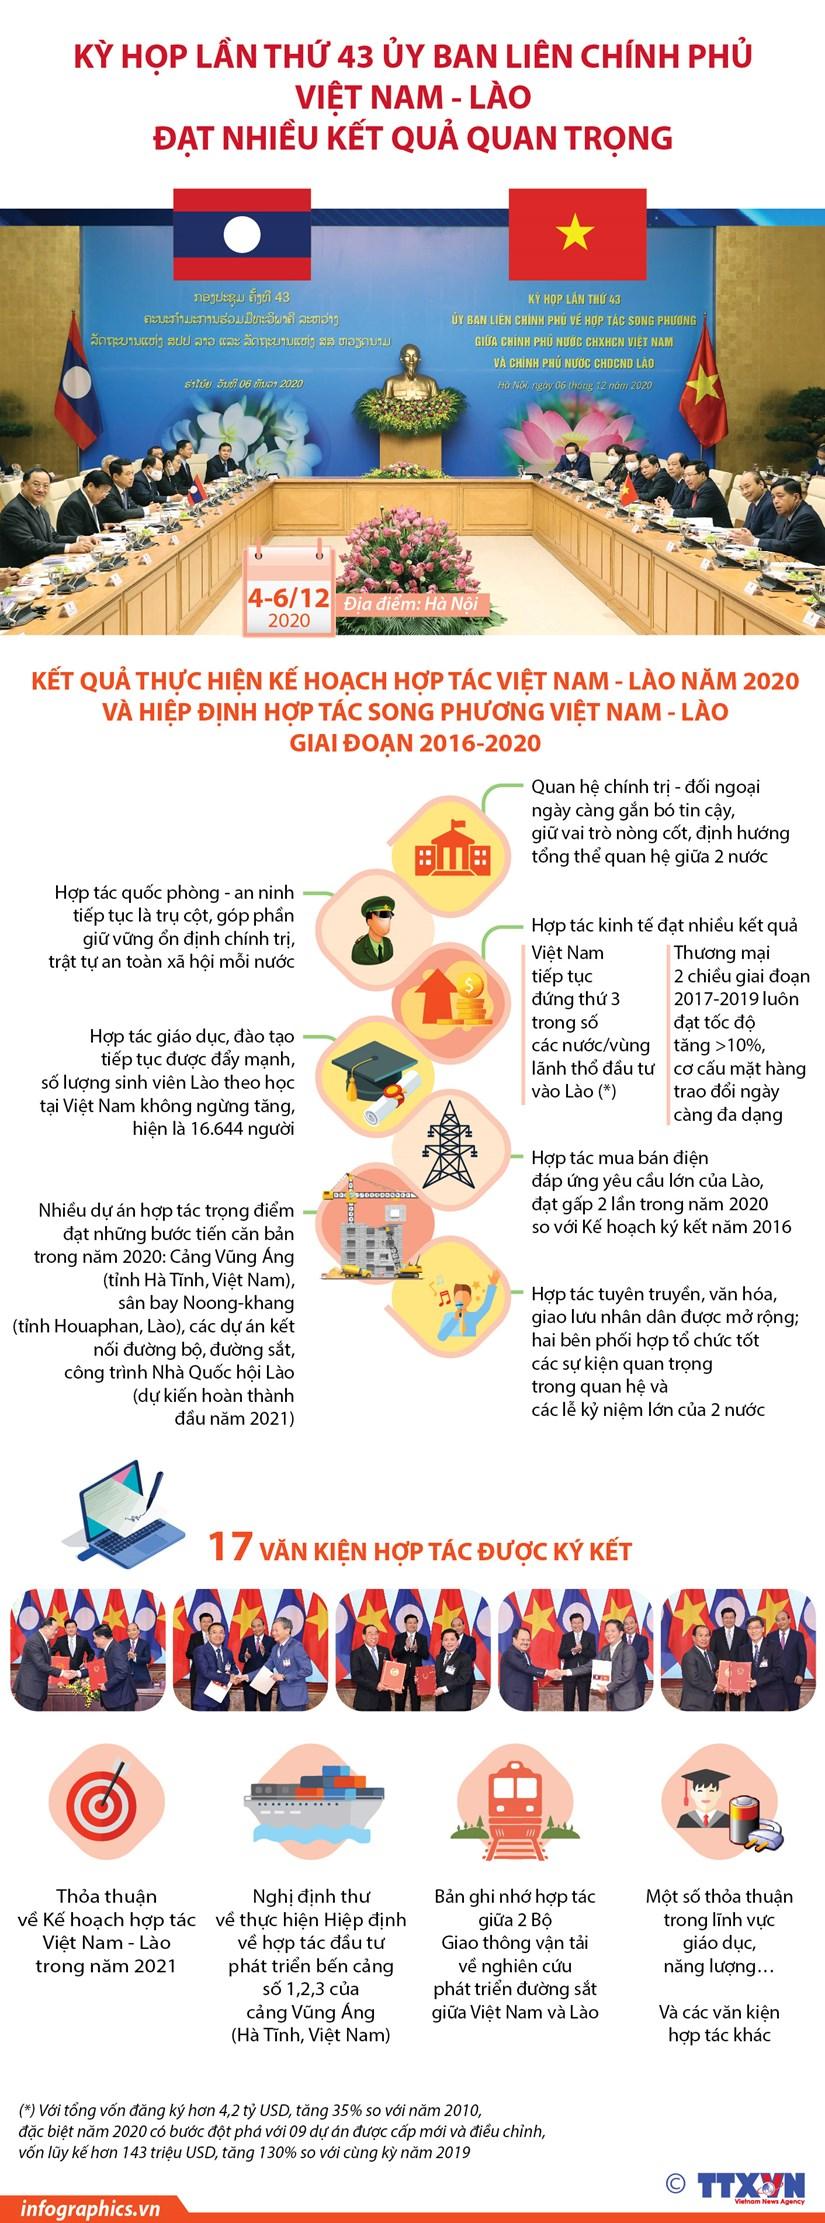 Ket qua ky hop lan thu 43 Uy ban lien Chinh phu Viet Nam-Lao hinh anh 1